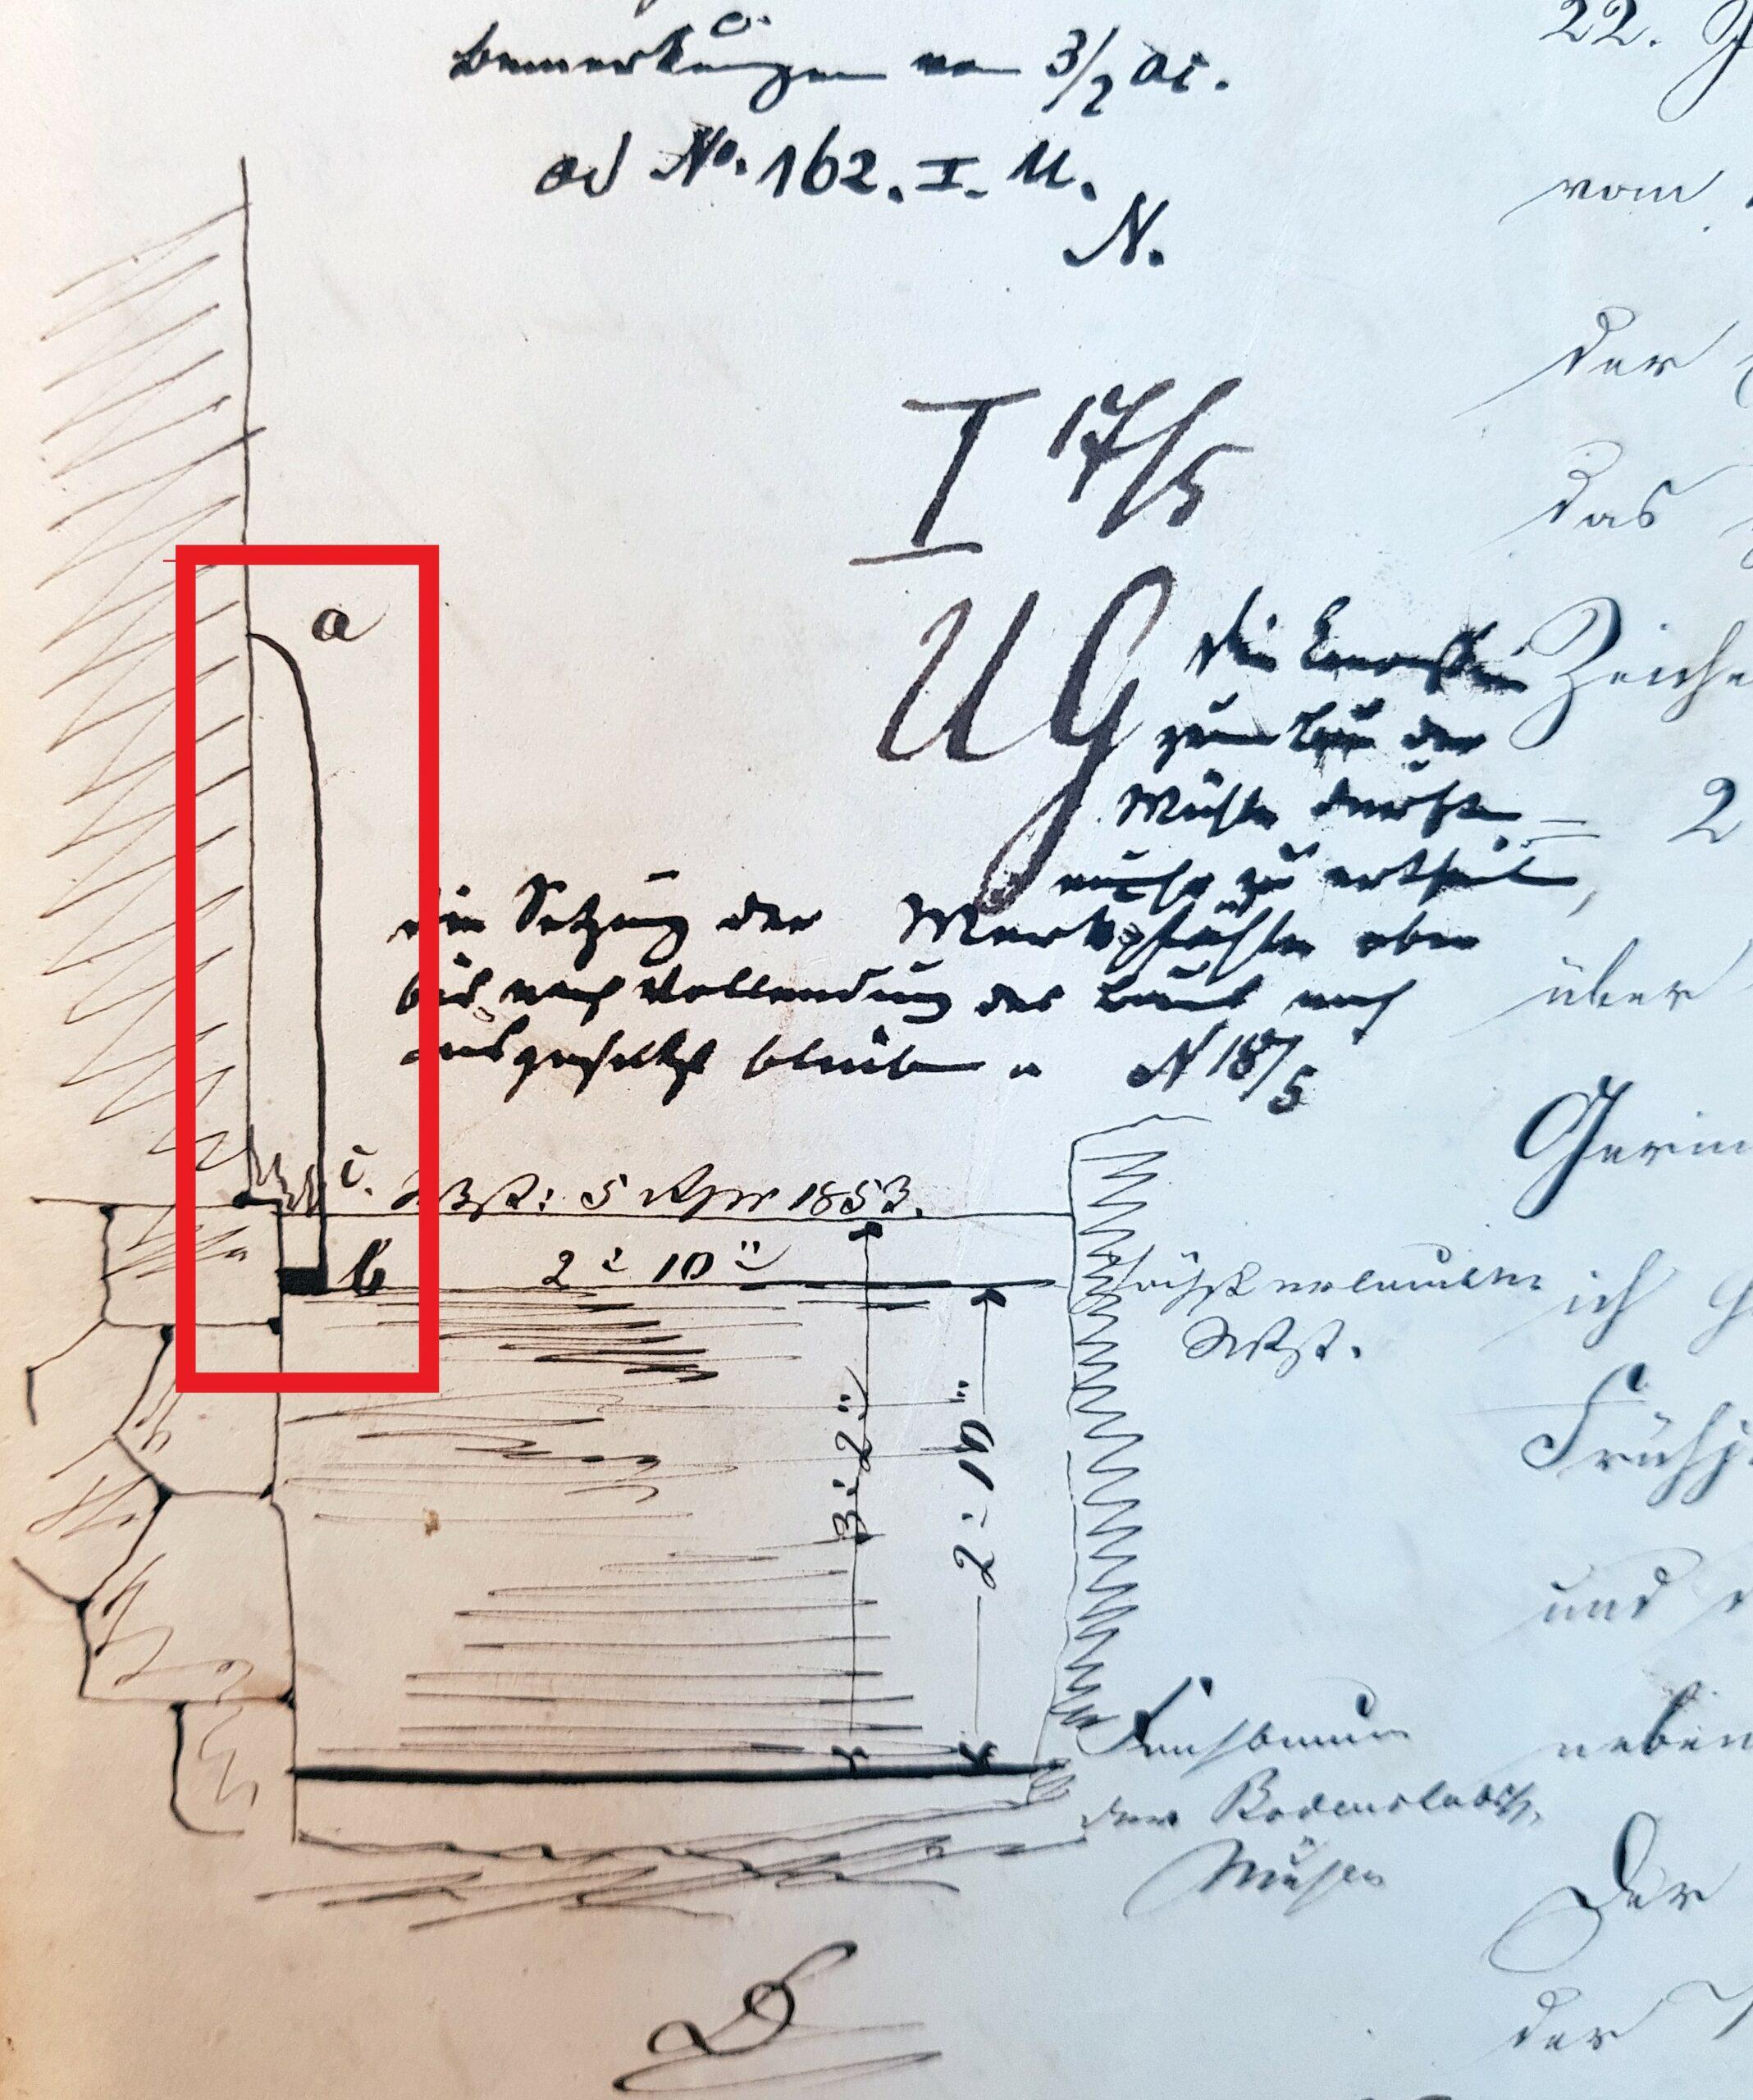 """Neuhaus, Skizze: Merkpfahl (Staumarke) vor der """"Roggenmühle"""" oberhalb der Paderbrücke am """"Paderborner Tor"""", 1853 (LA Detmold, Regierung Minden, I U Nr. 660, unfol.)"""